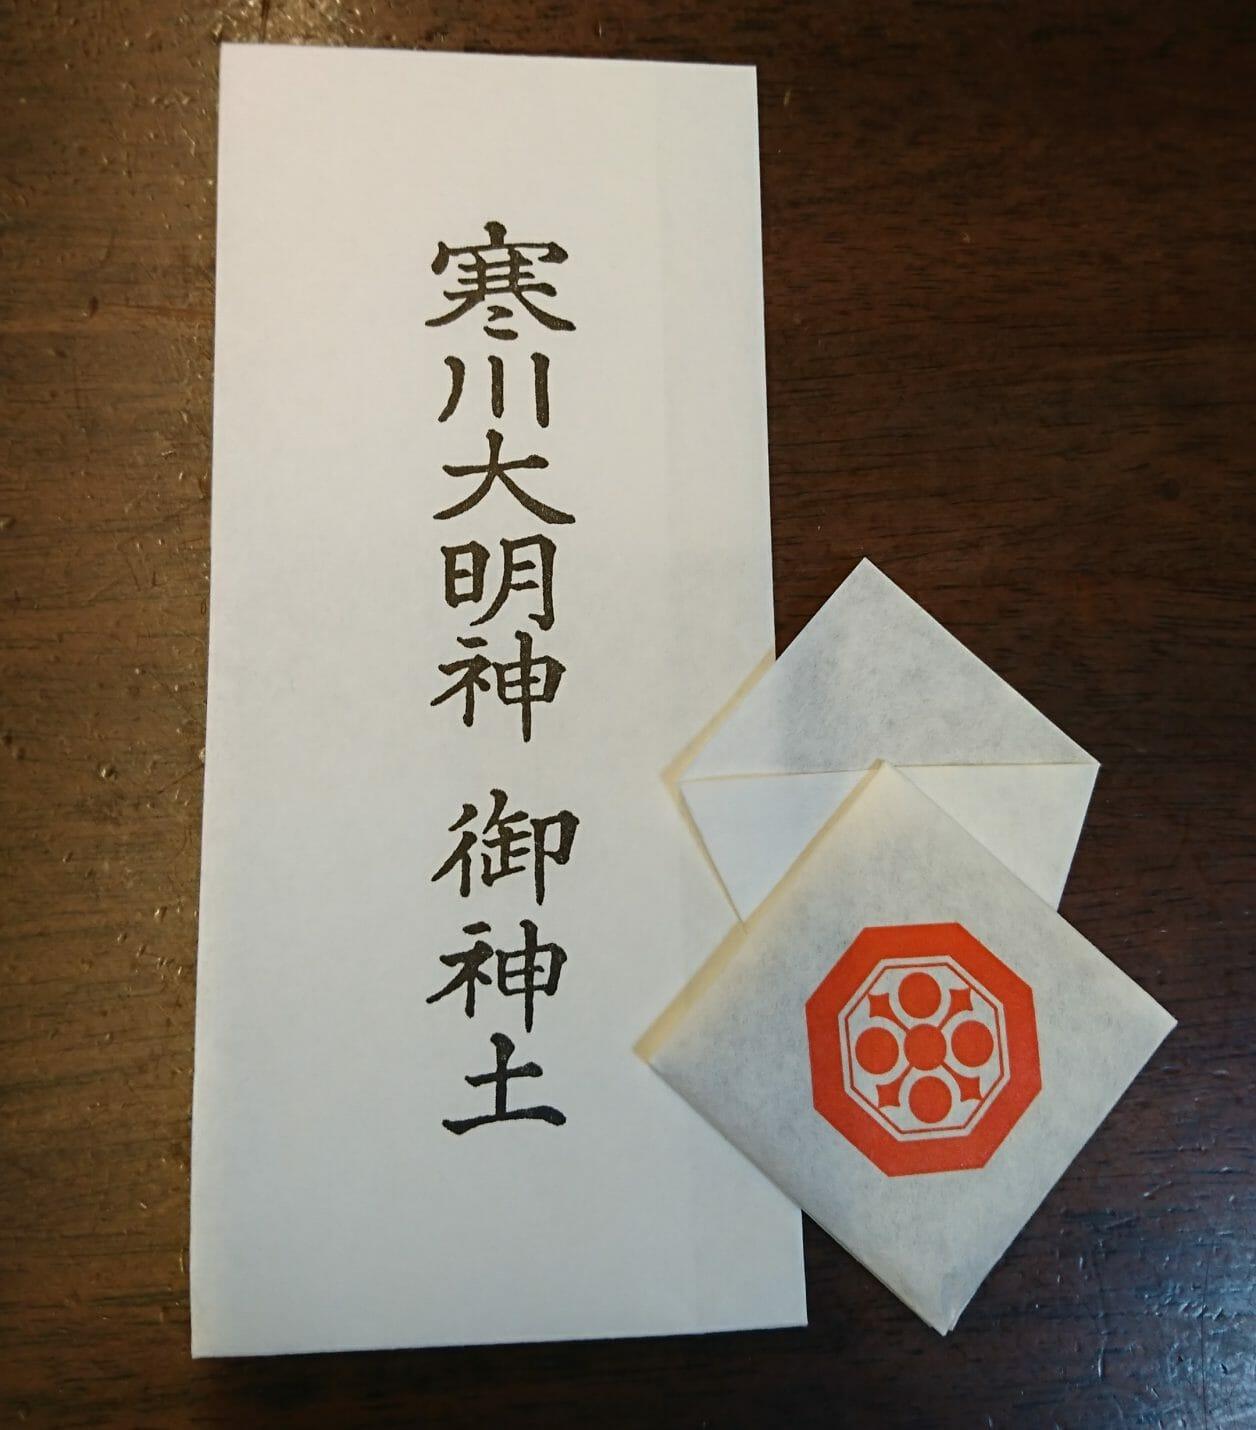 寒川神社のお祓いで授与した御神土